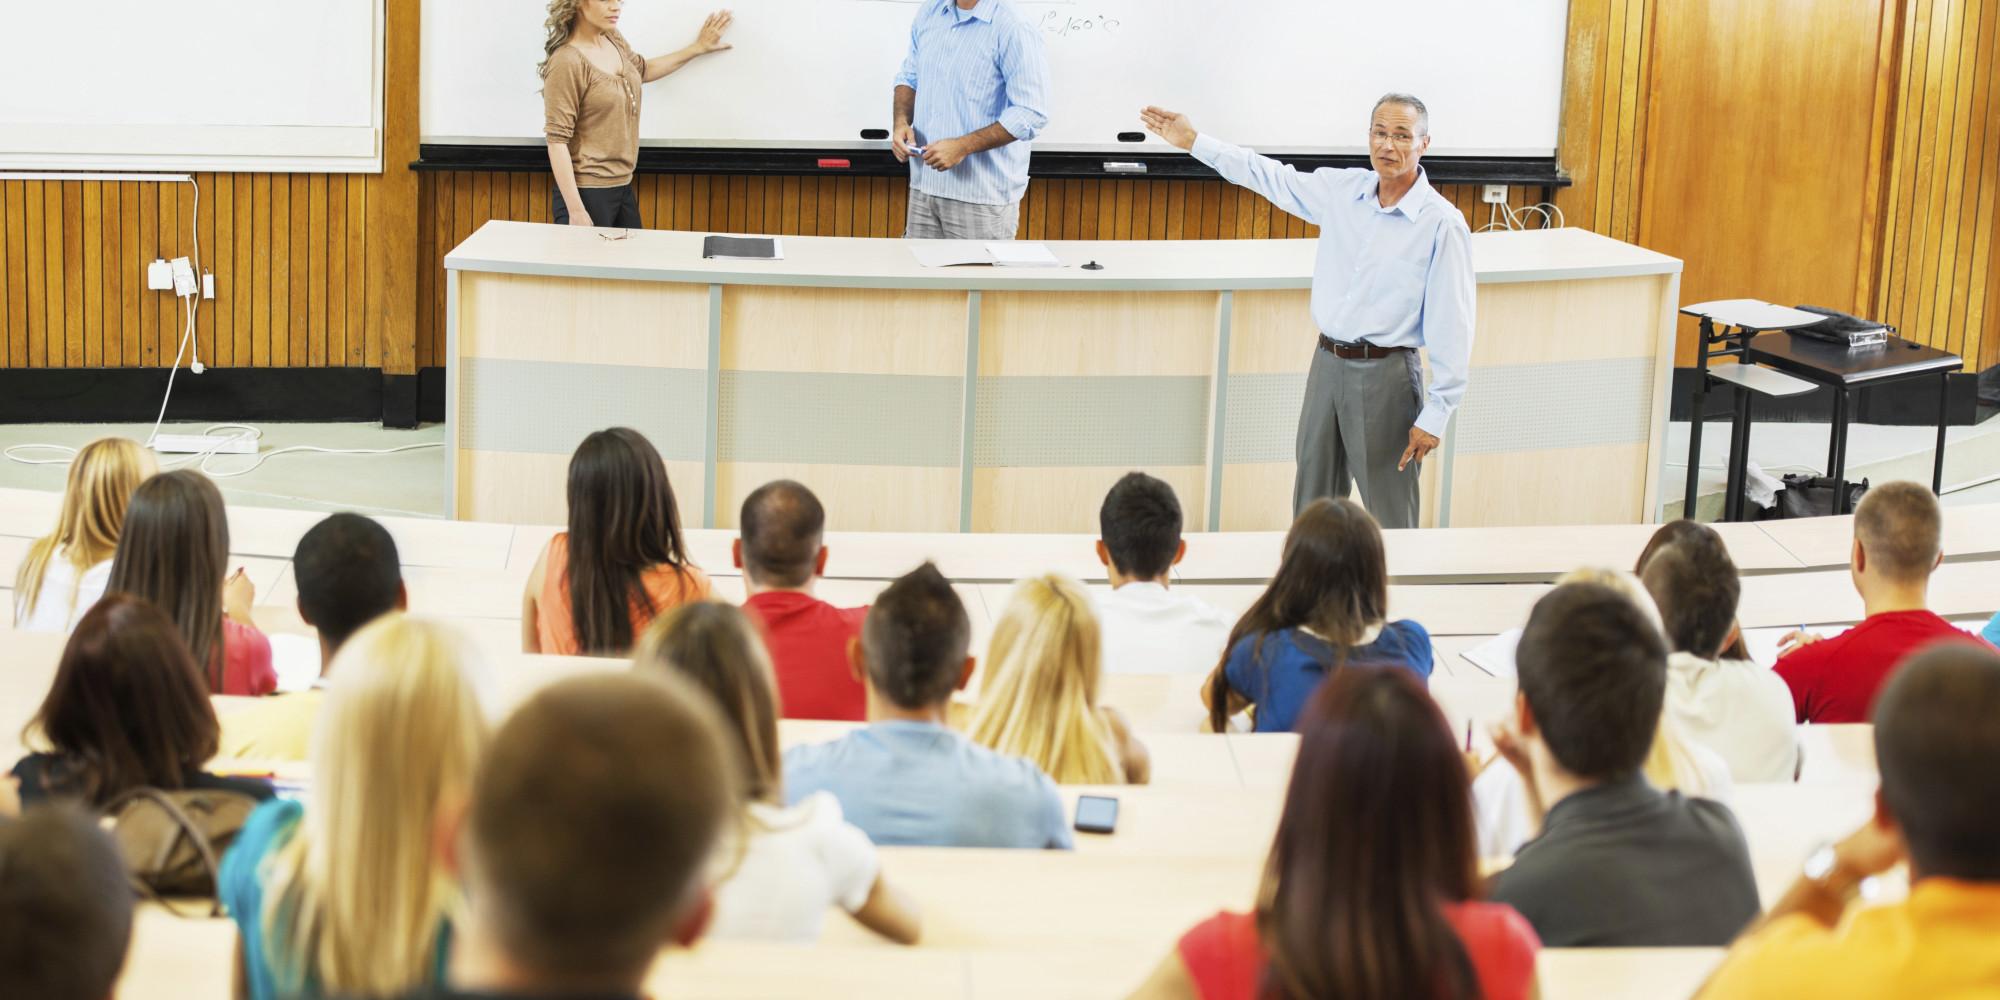 CRNA School Admissions